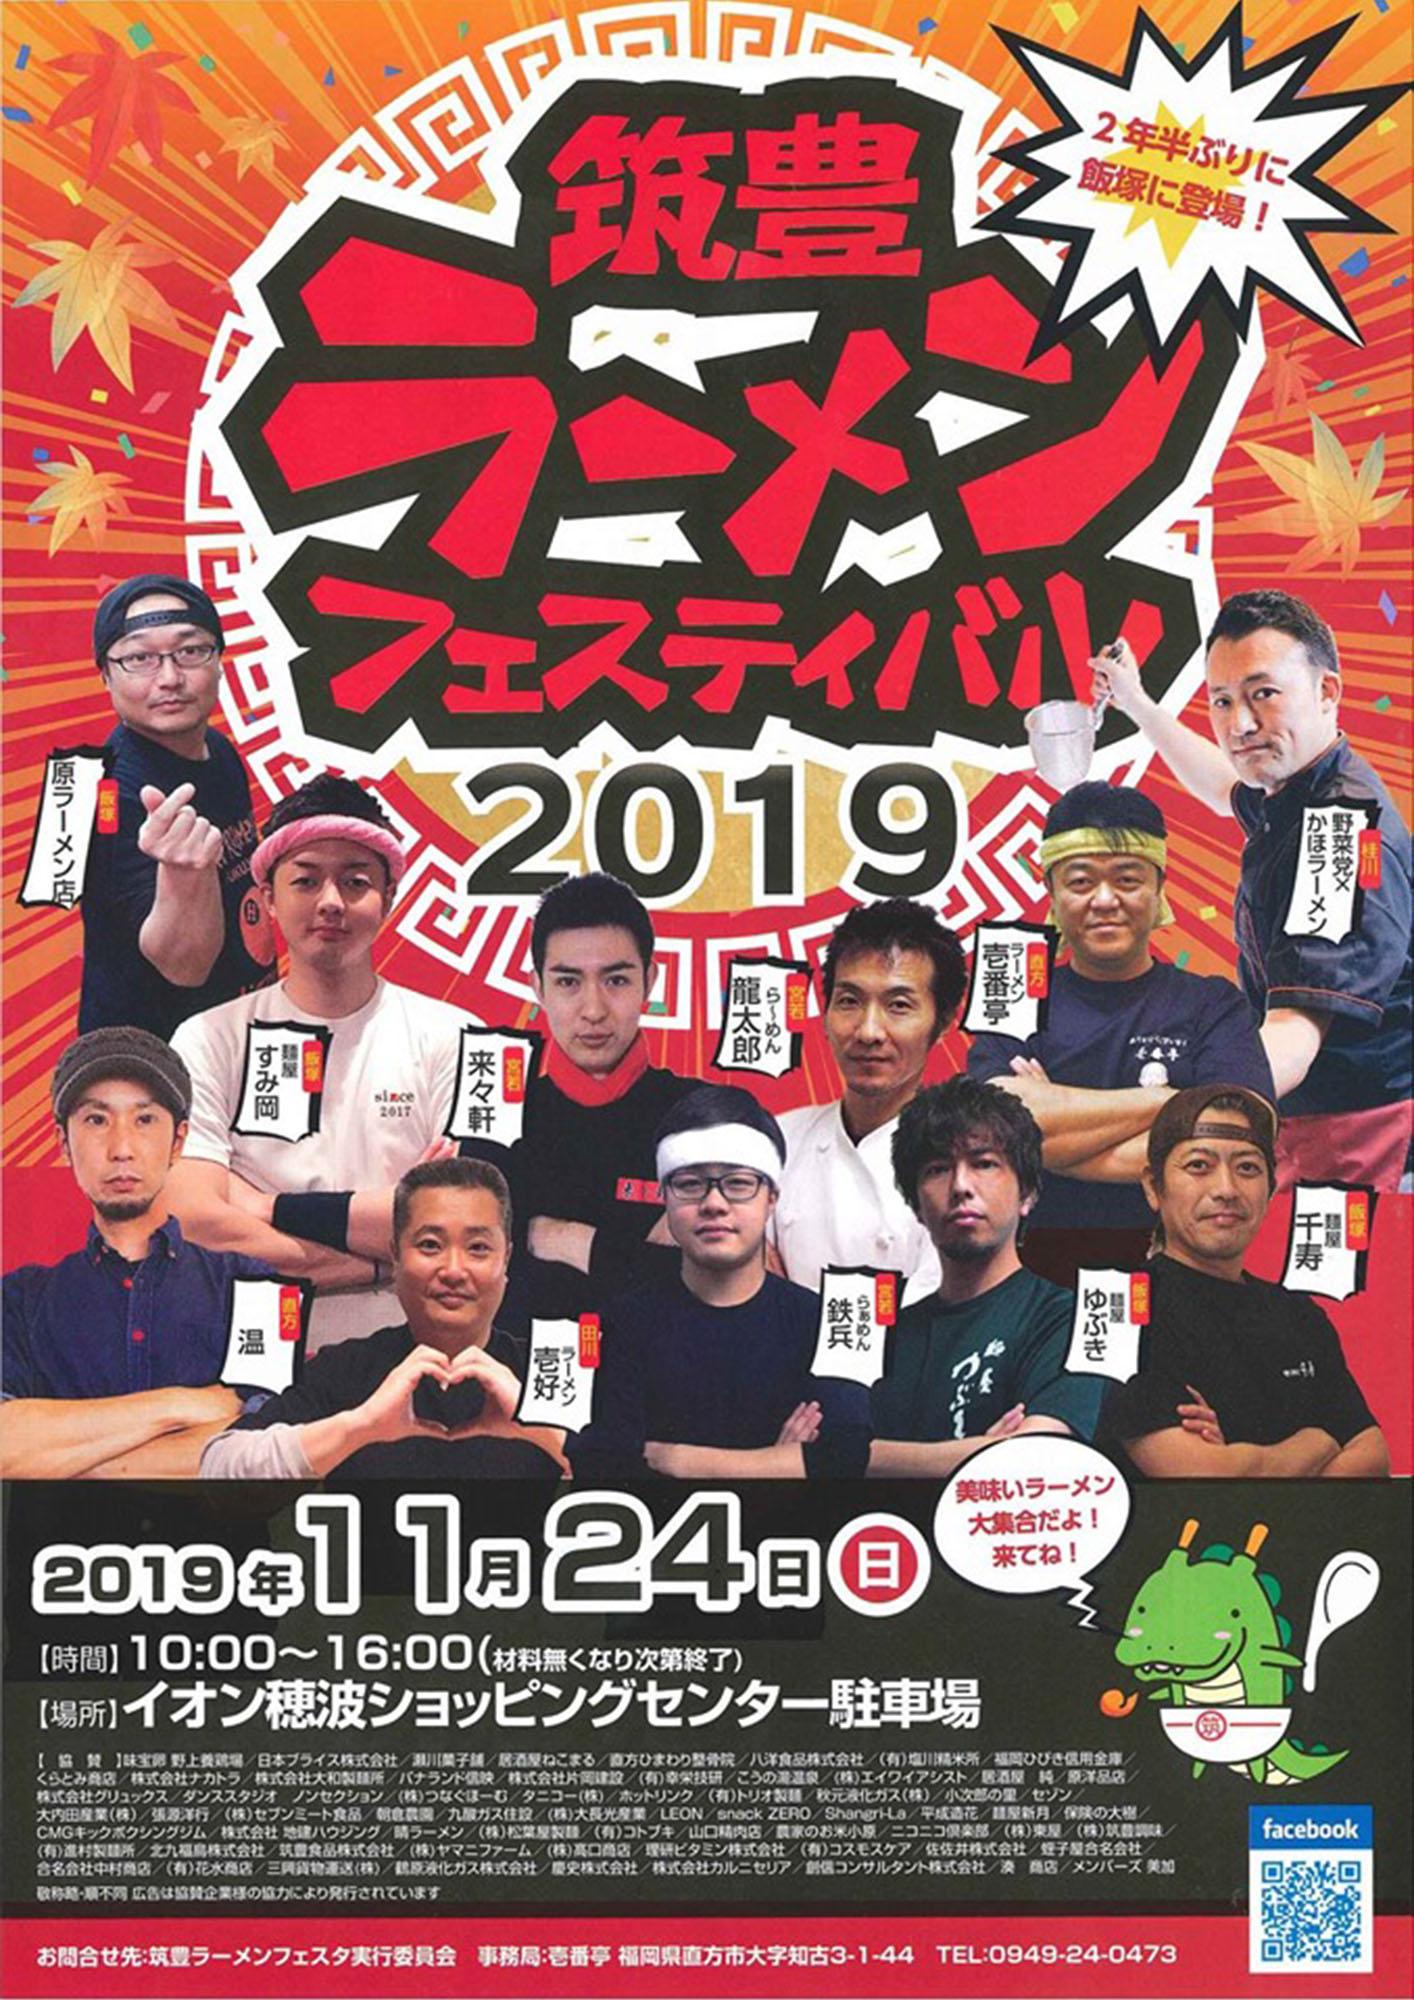 筑豊ラーメンフェスティバル 2019